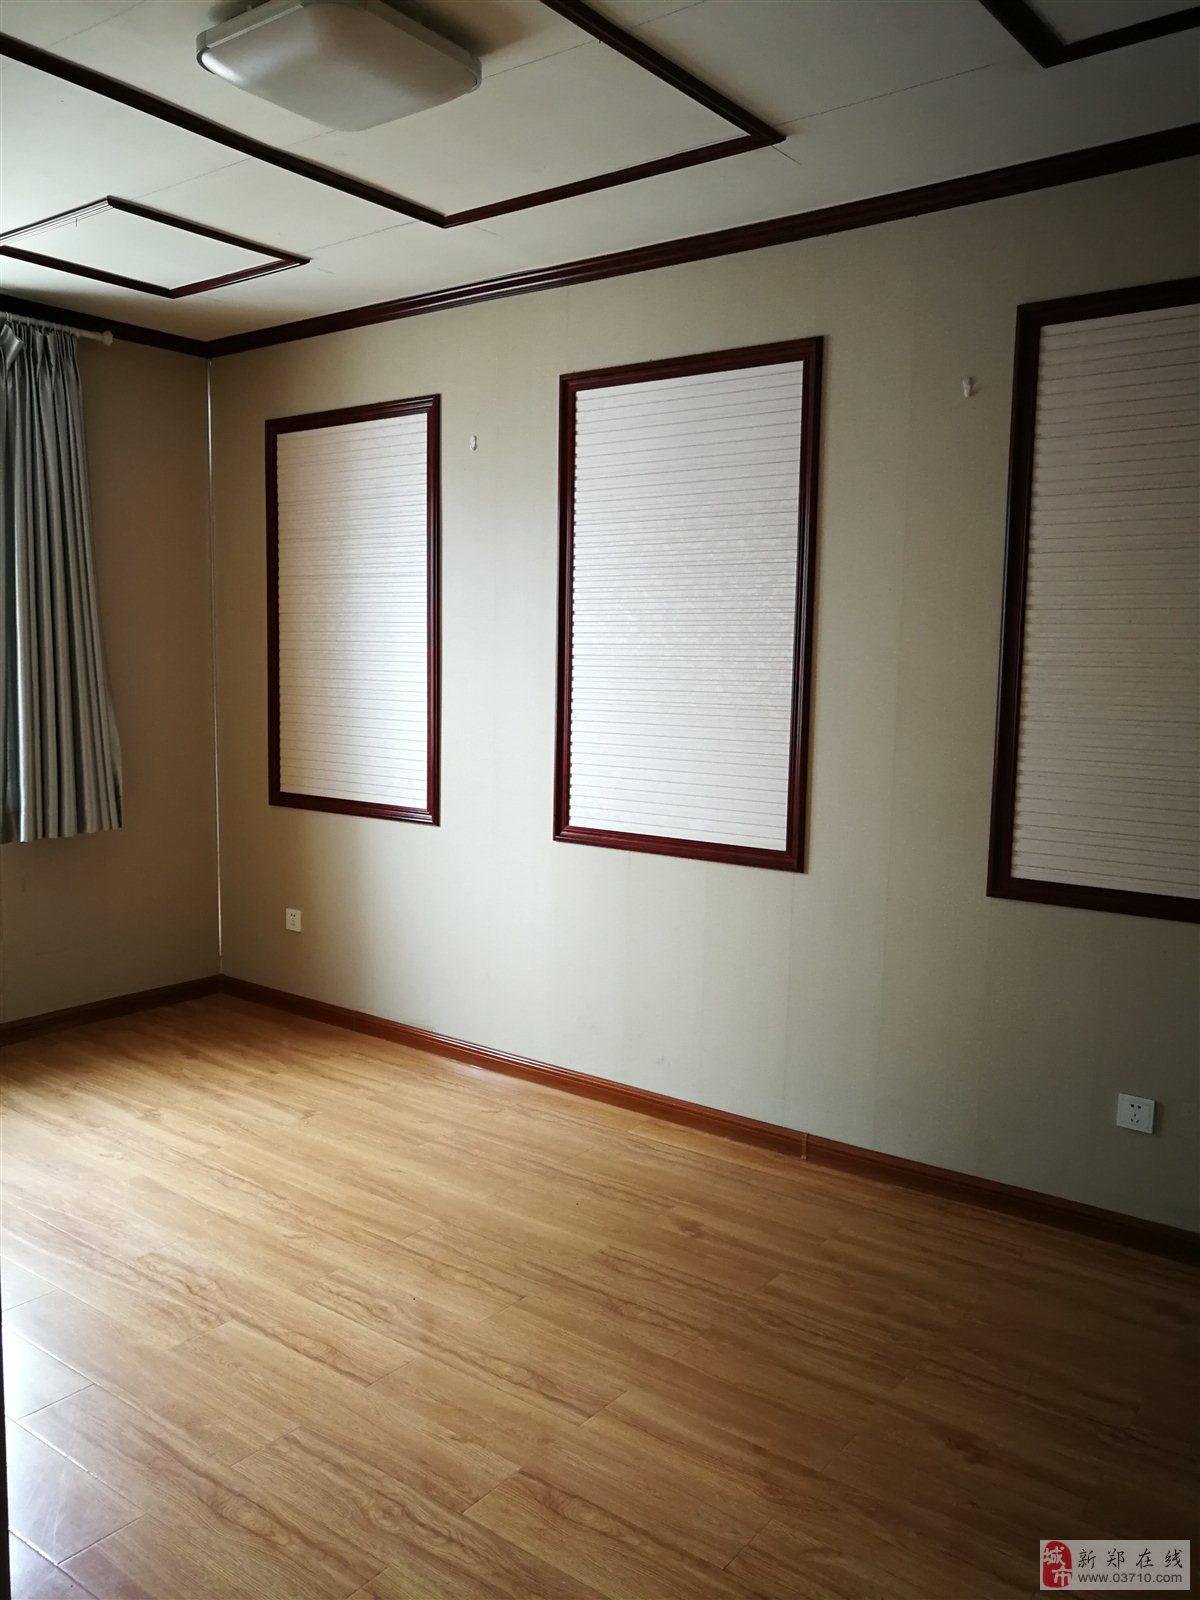 金华街独院3室2厅2卫110万元